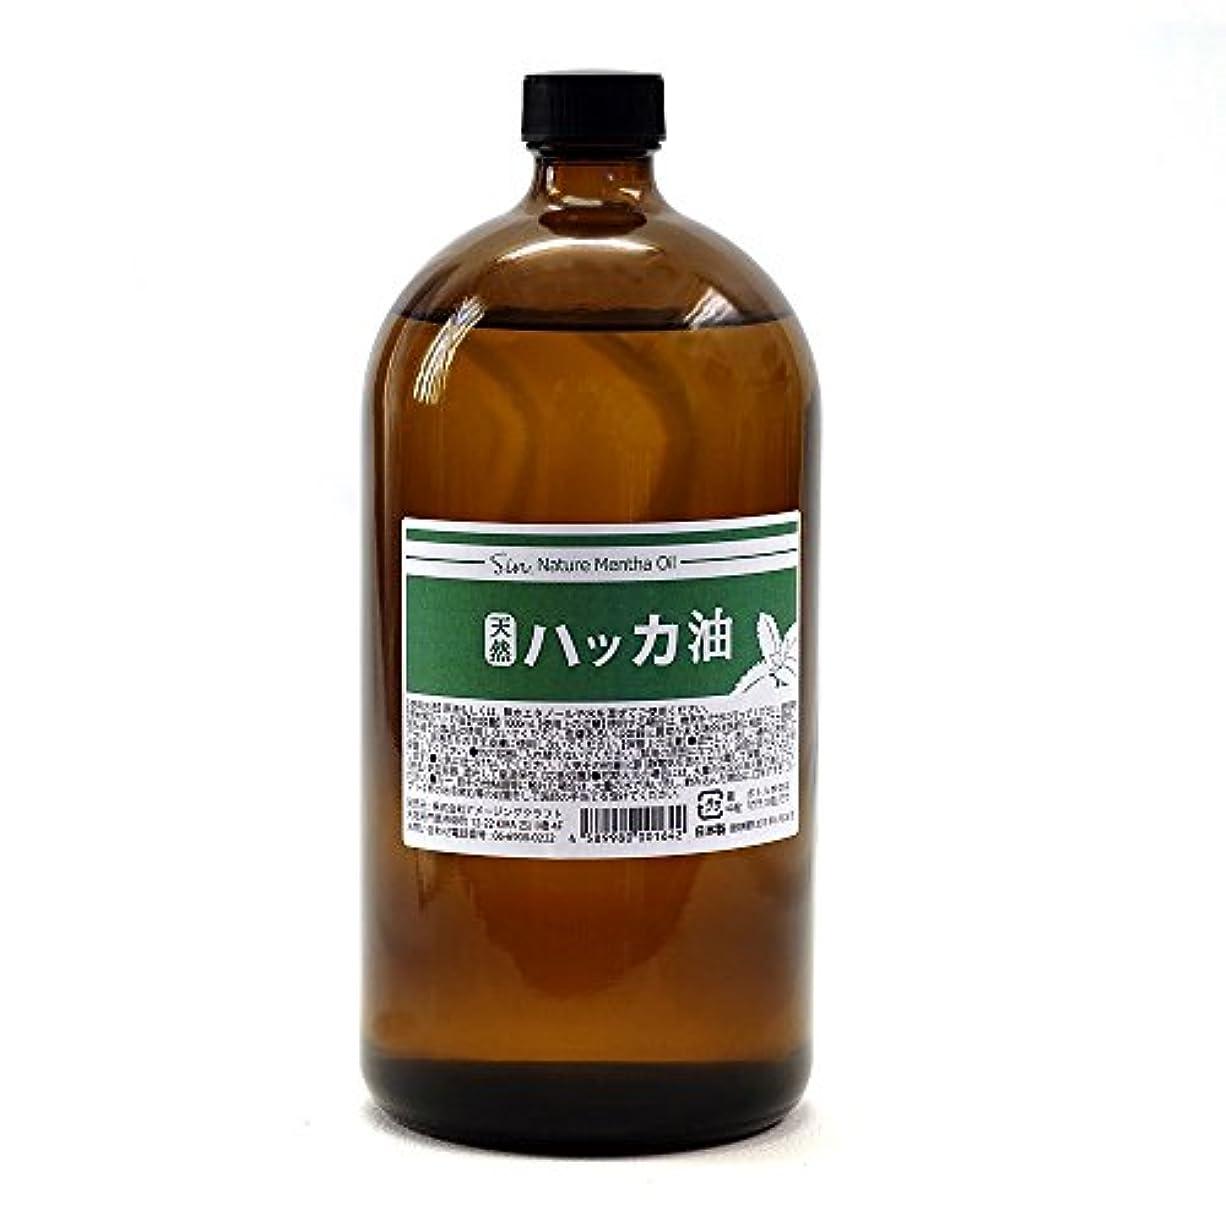 ヒューム保守可能接地日本製 天然 ハッカ油 ハッカオイル 1000ml